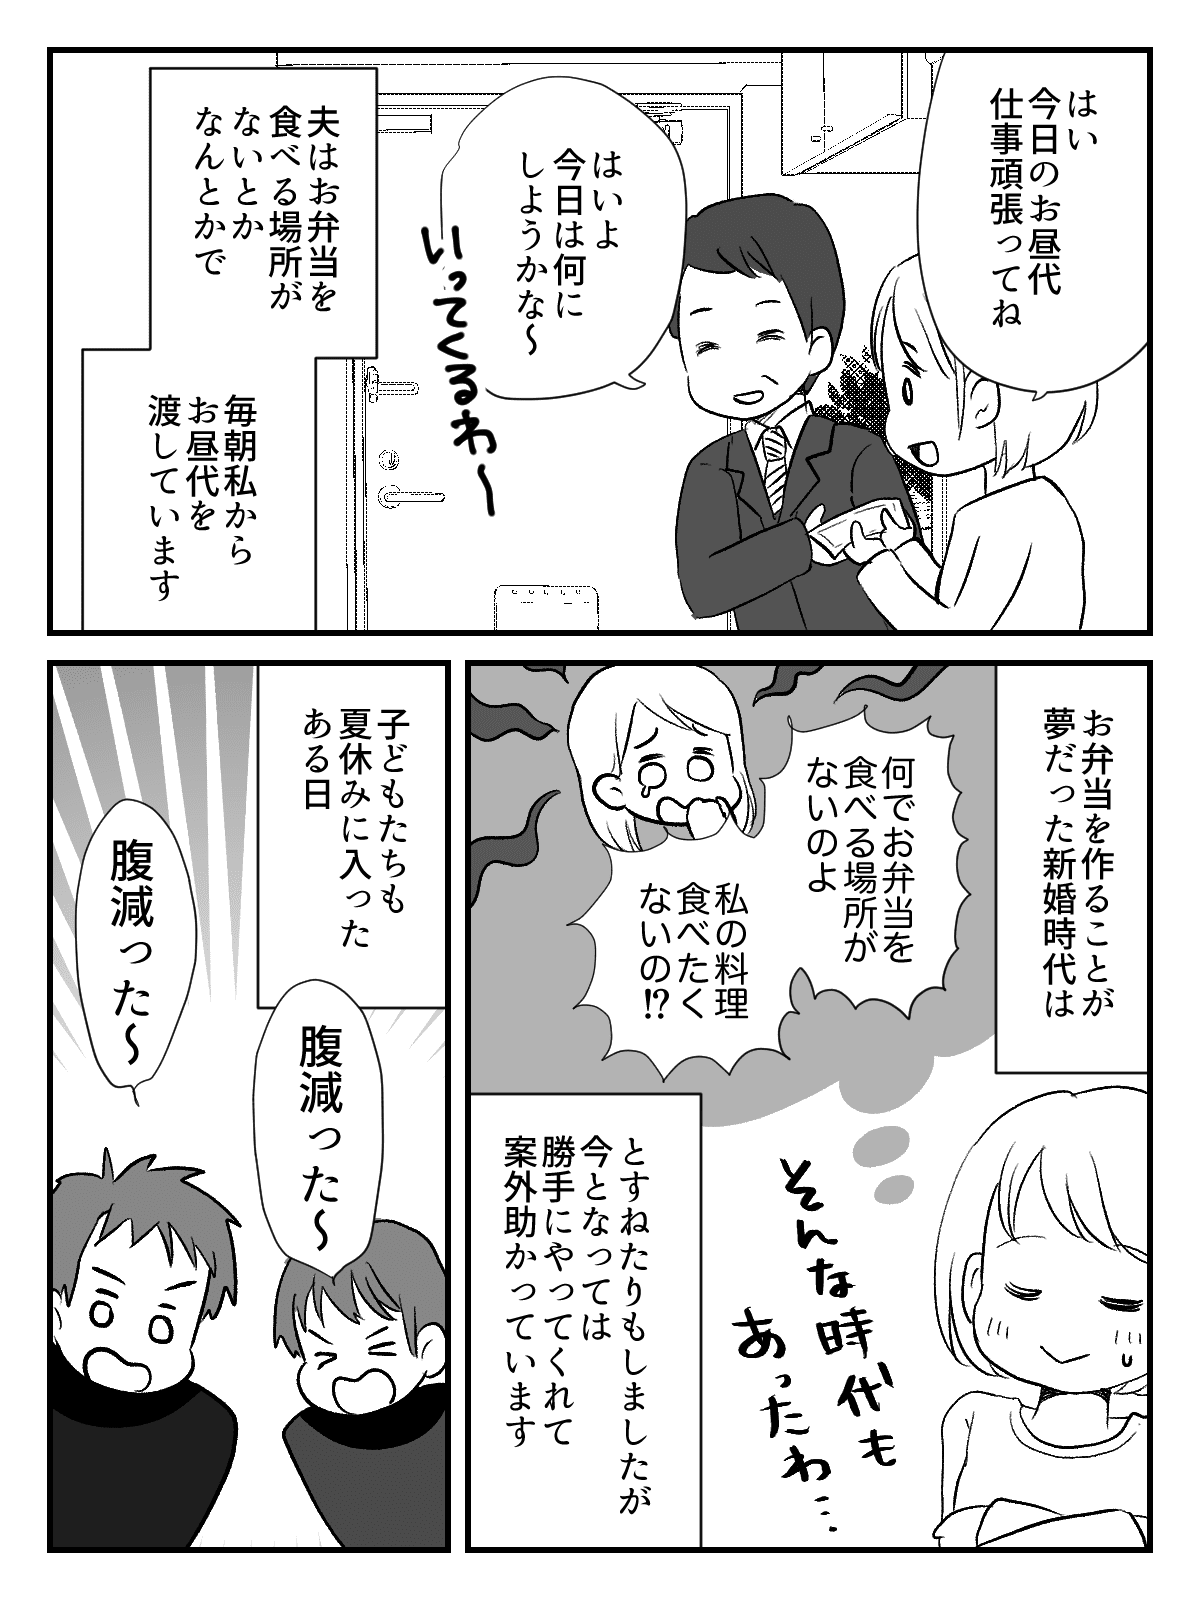 ロールパン__001